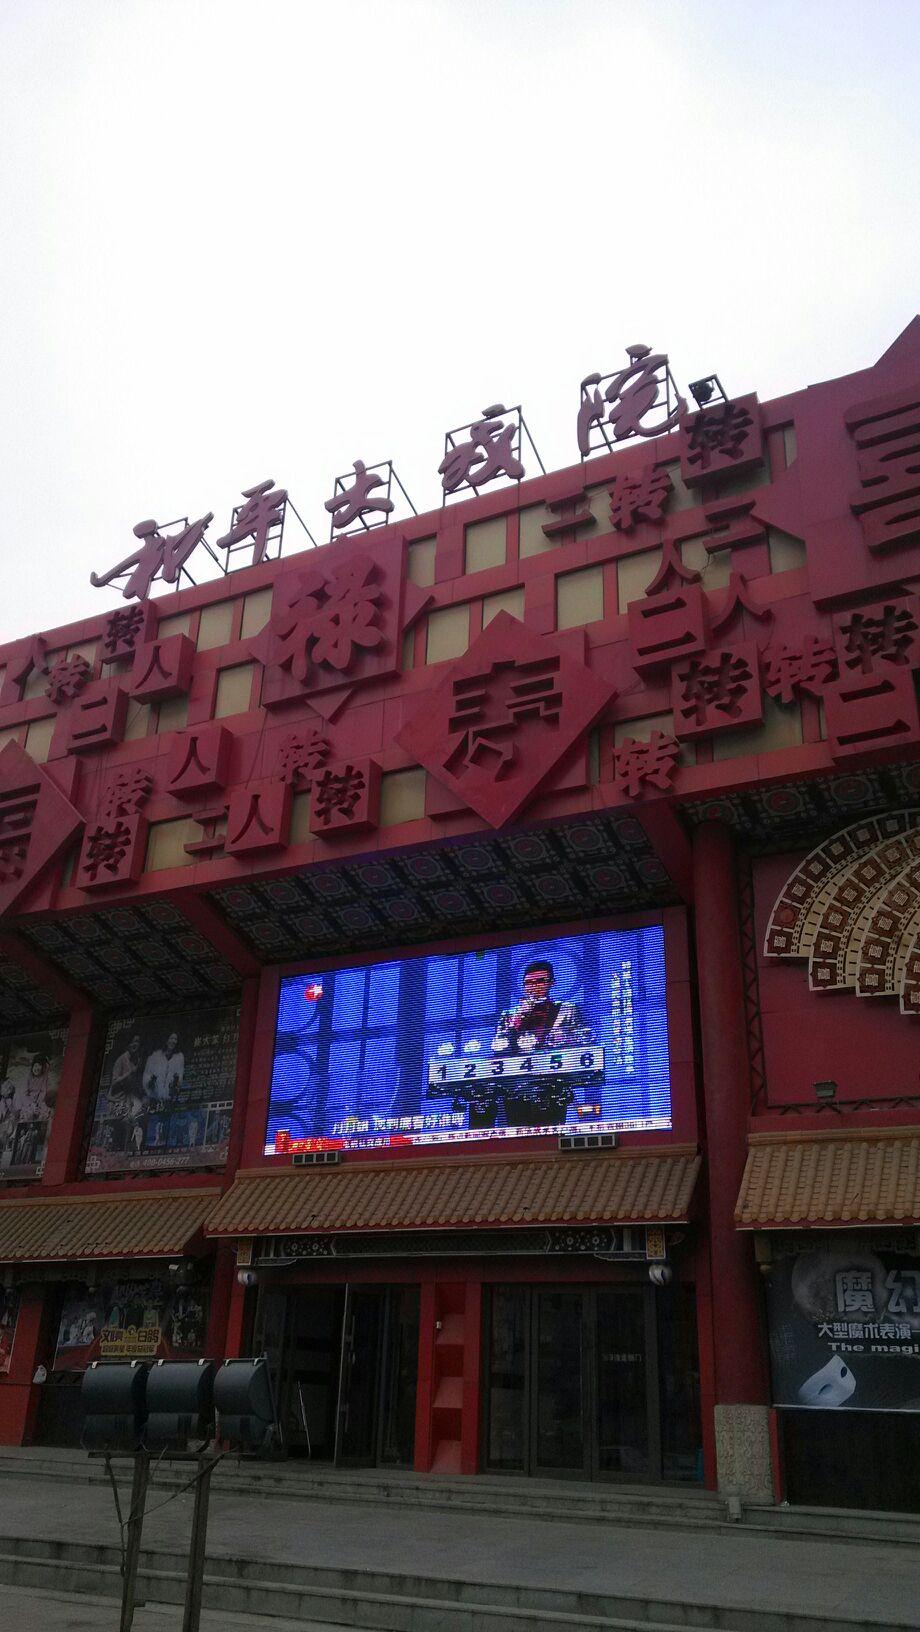 和平大戏院(凯旋路店)